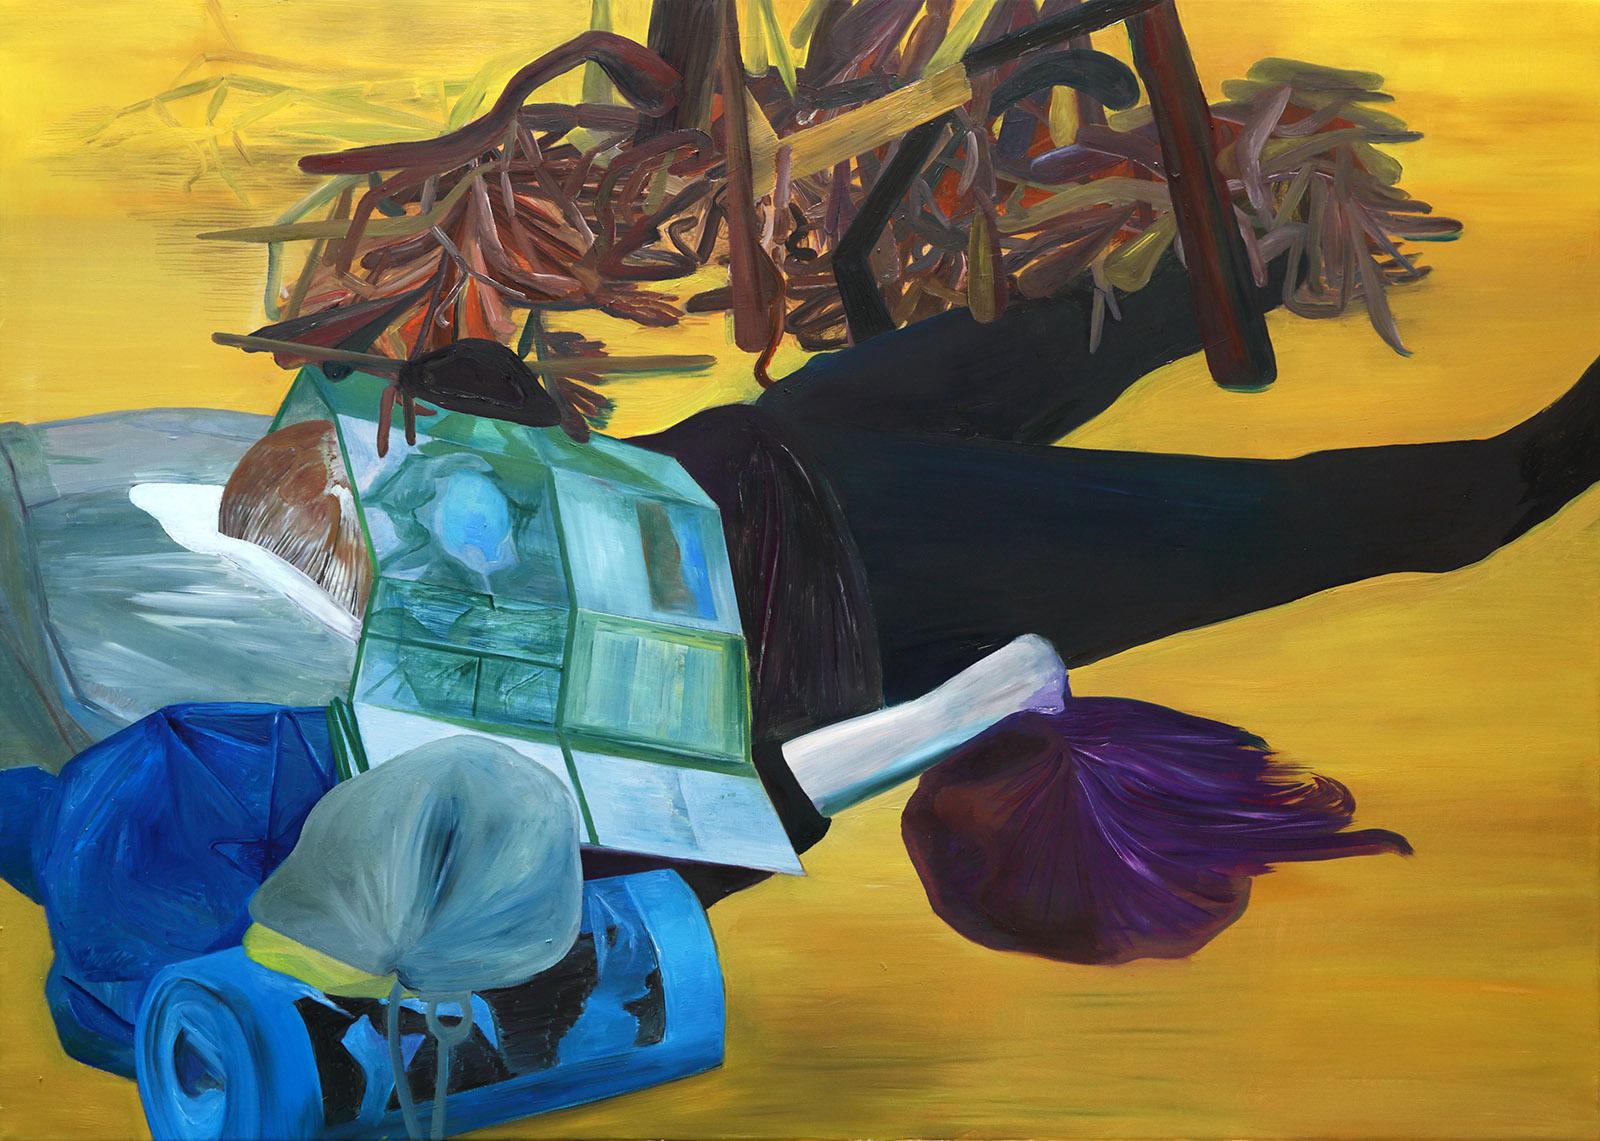 """Dominika Kowynia, """"Oczy suszy"""", 100x140 cm, olej na płótnie, 2018 (źródło: materiały prasowe organizatora)"""